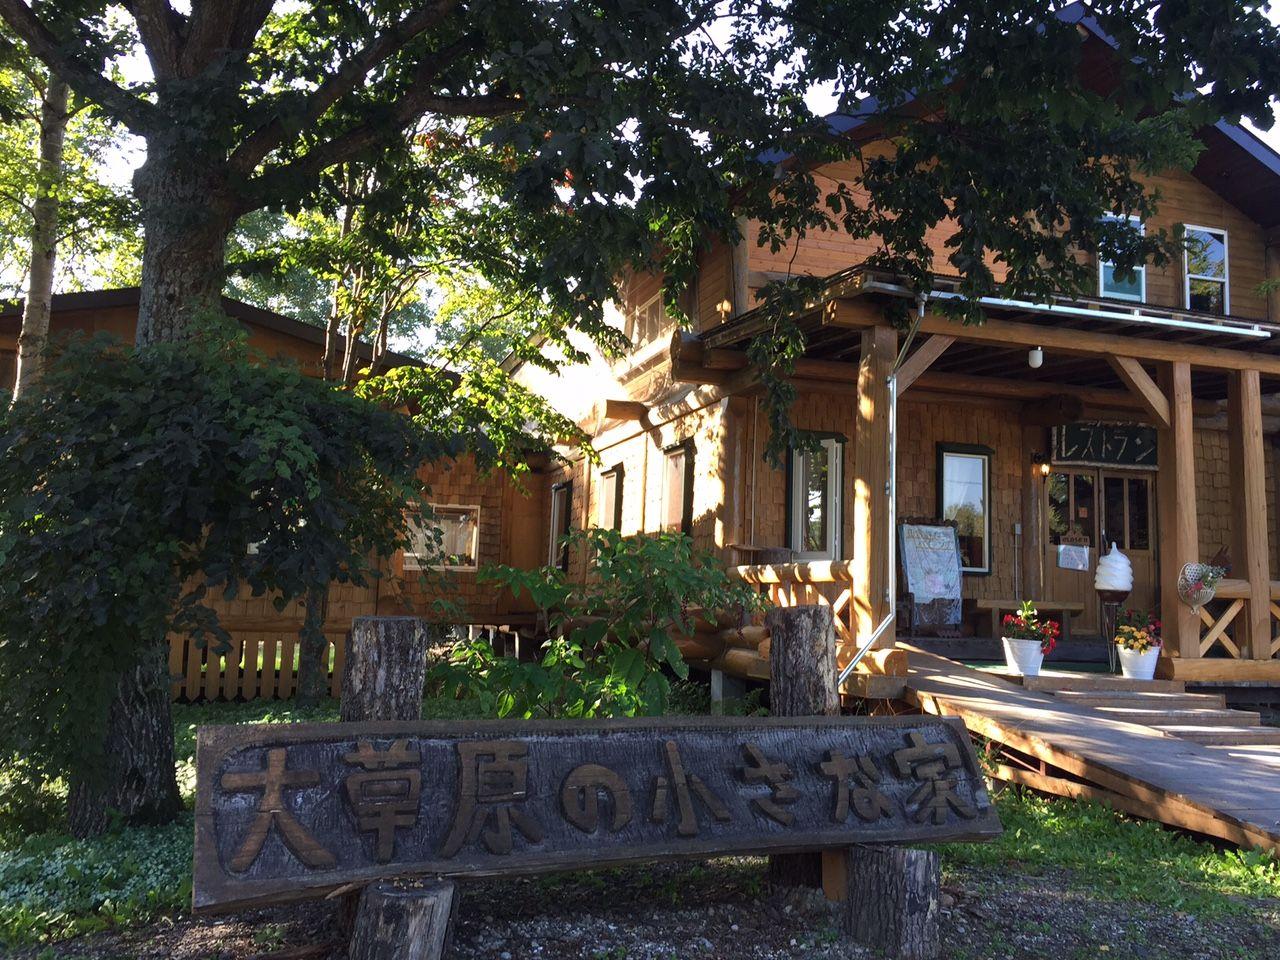 ログハウスレストラン「大草原の小さな家」北海道鹿追町で田舎料理とスロウなひと時を